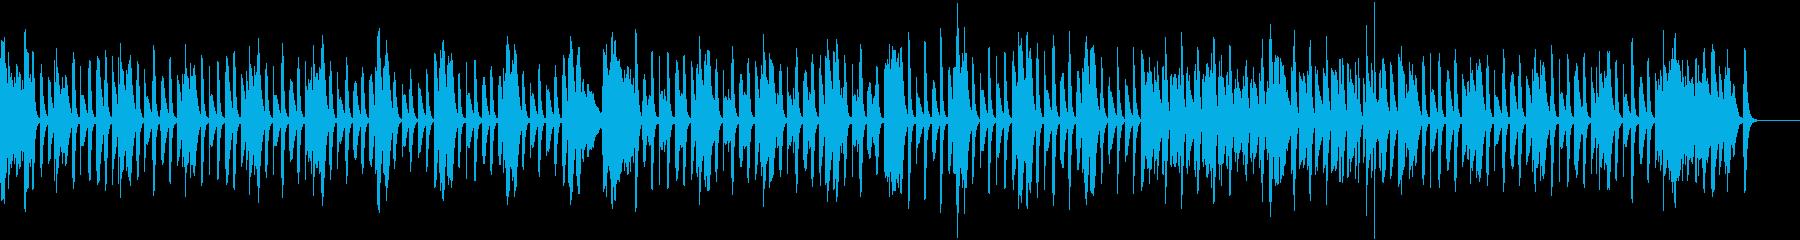 とぼけた動物のマリンバ日常曲(打楽器無)の再生済みの波形